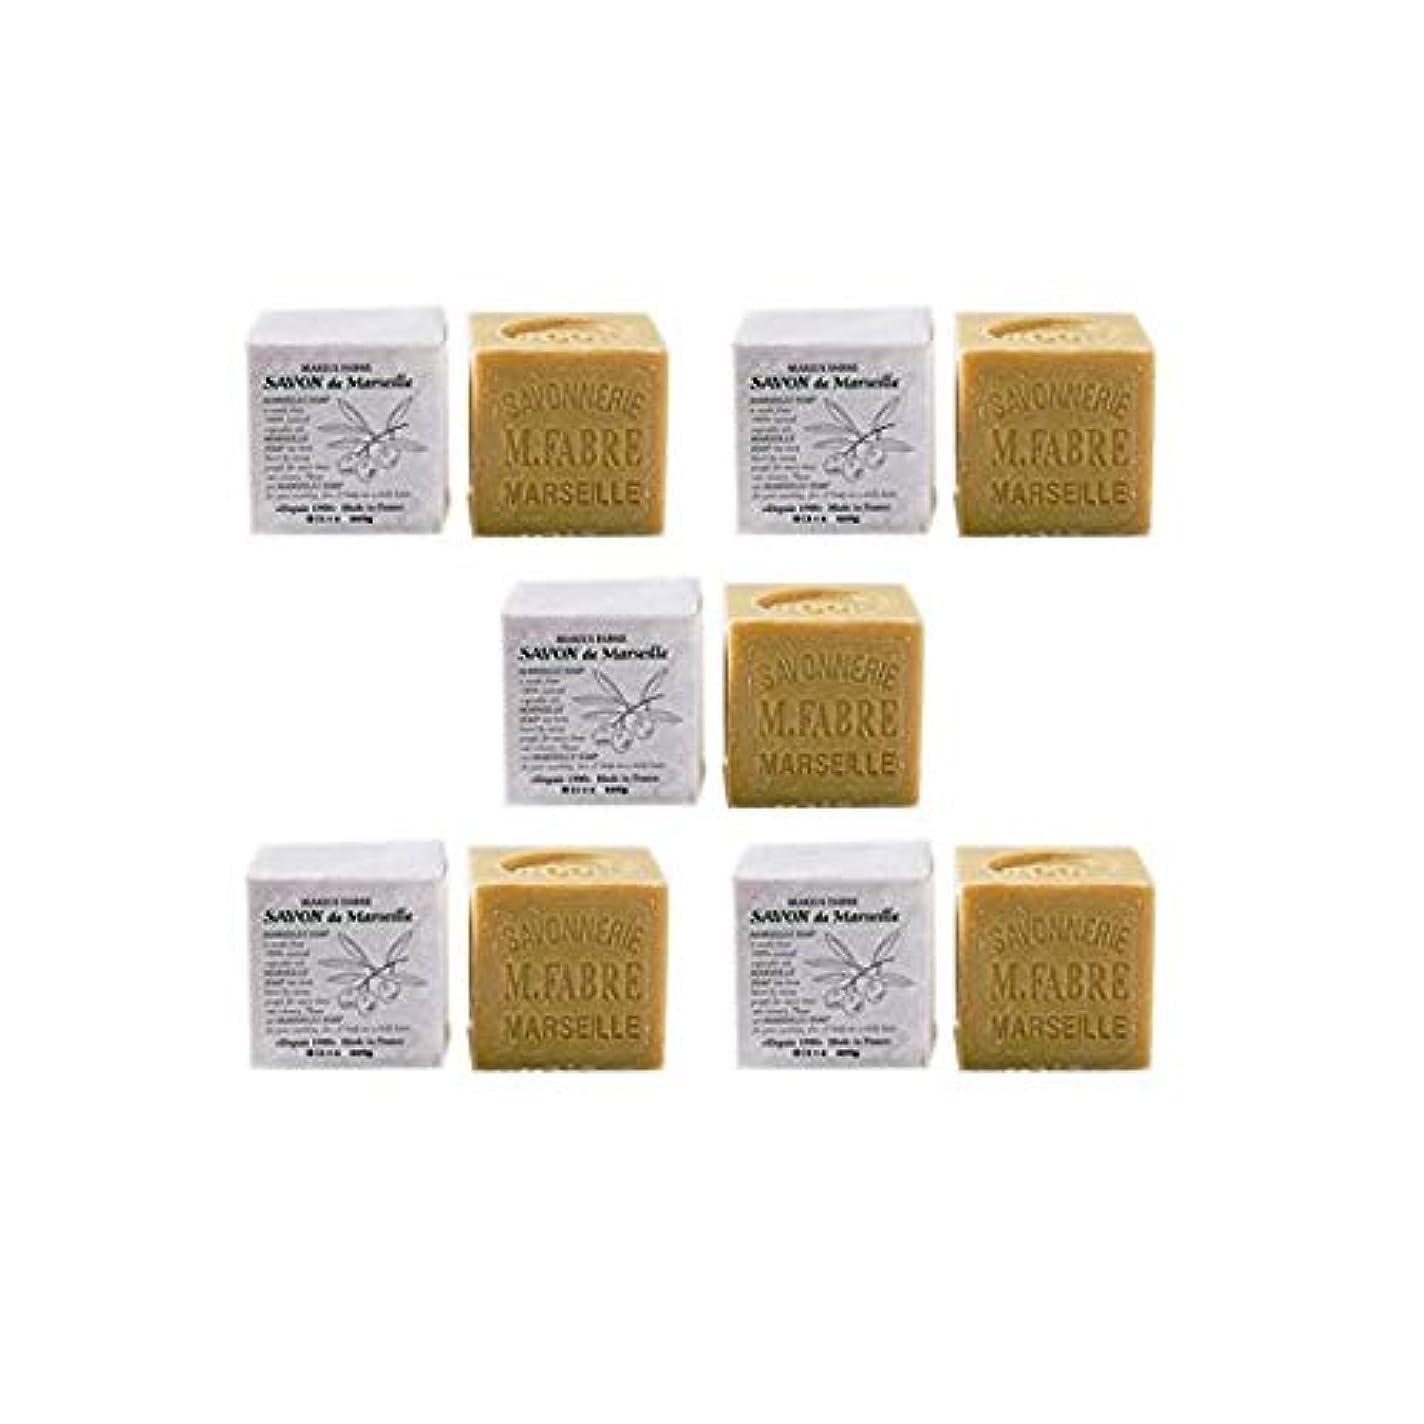 アセどうやら人気のマリウスファーブルジューン サボンドマルセイユ無香料200gオリーブN 5個セット(200g×5個)無添加オリーブ石鹸